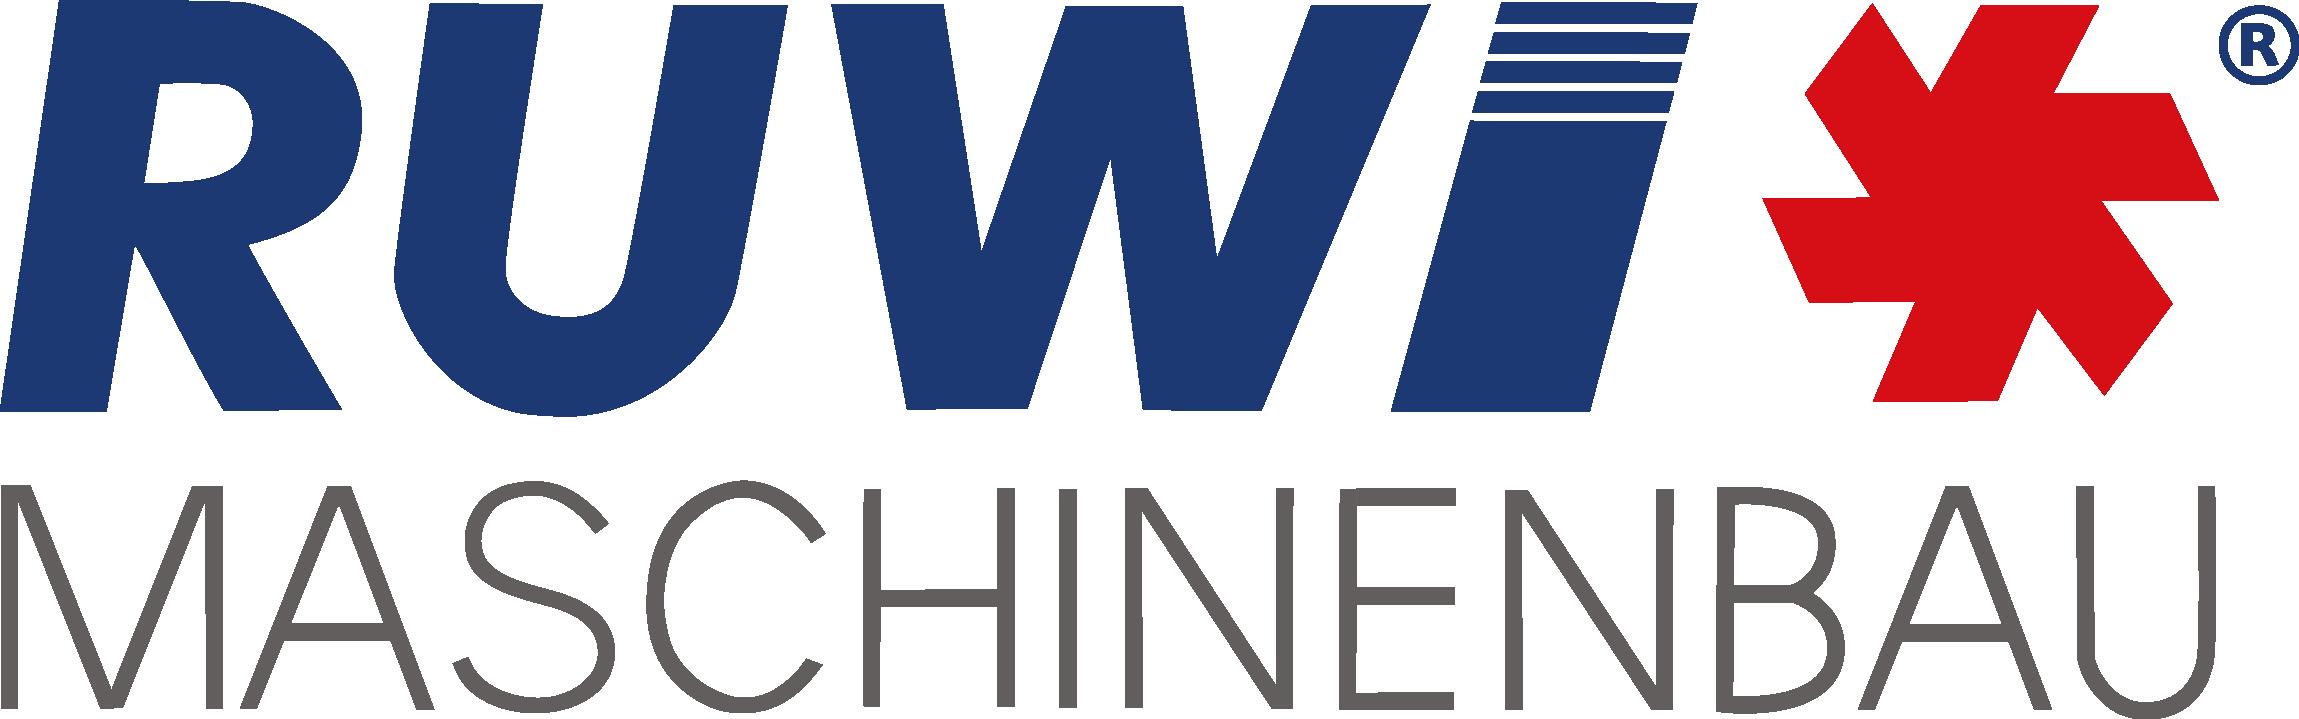 RUWI Maschinenbau Online-Shop